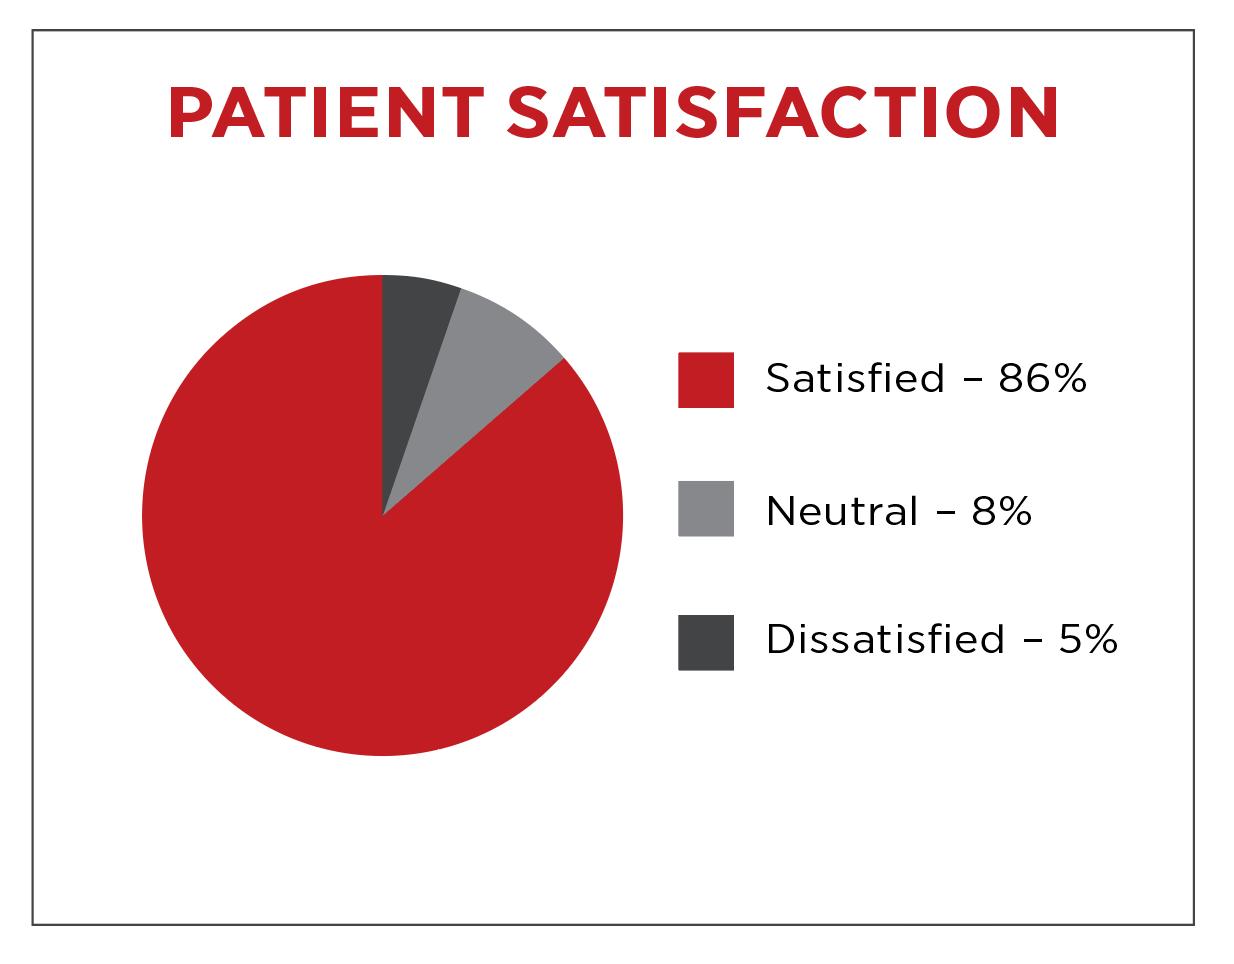 patientsatisfaction.png